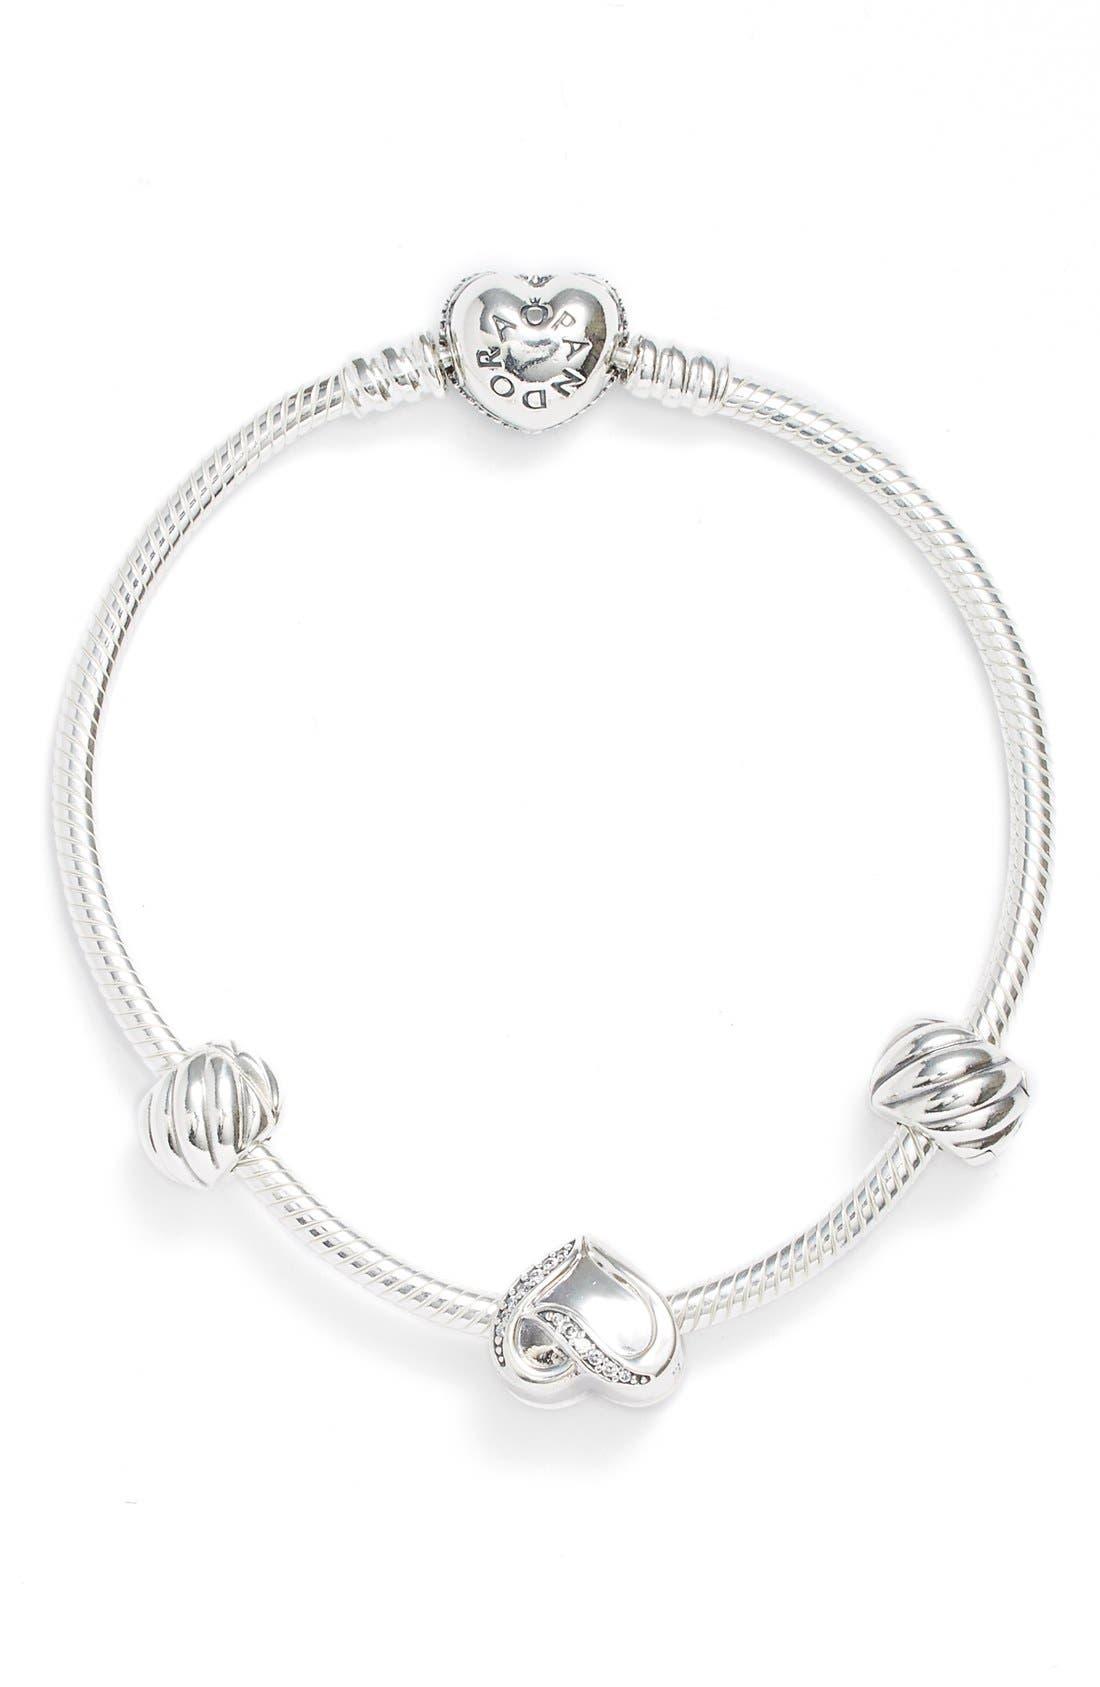 Alternate Image 1 Selected - PANDORA 'Filled with Love' Bracelet Gift Set